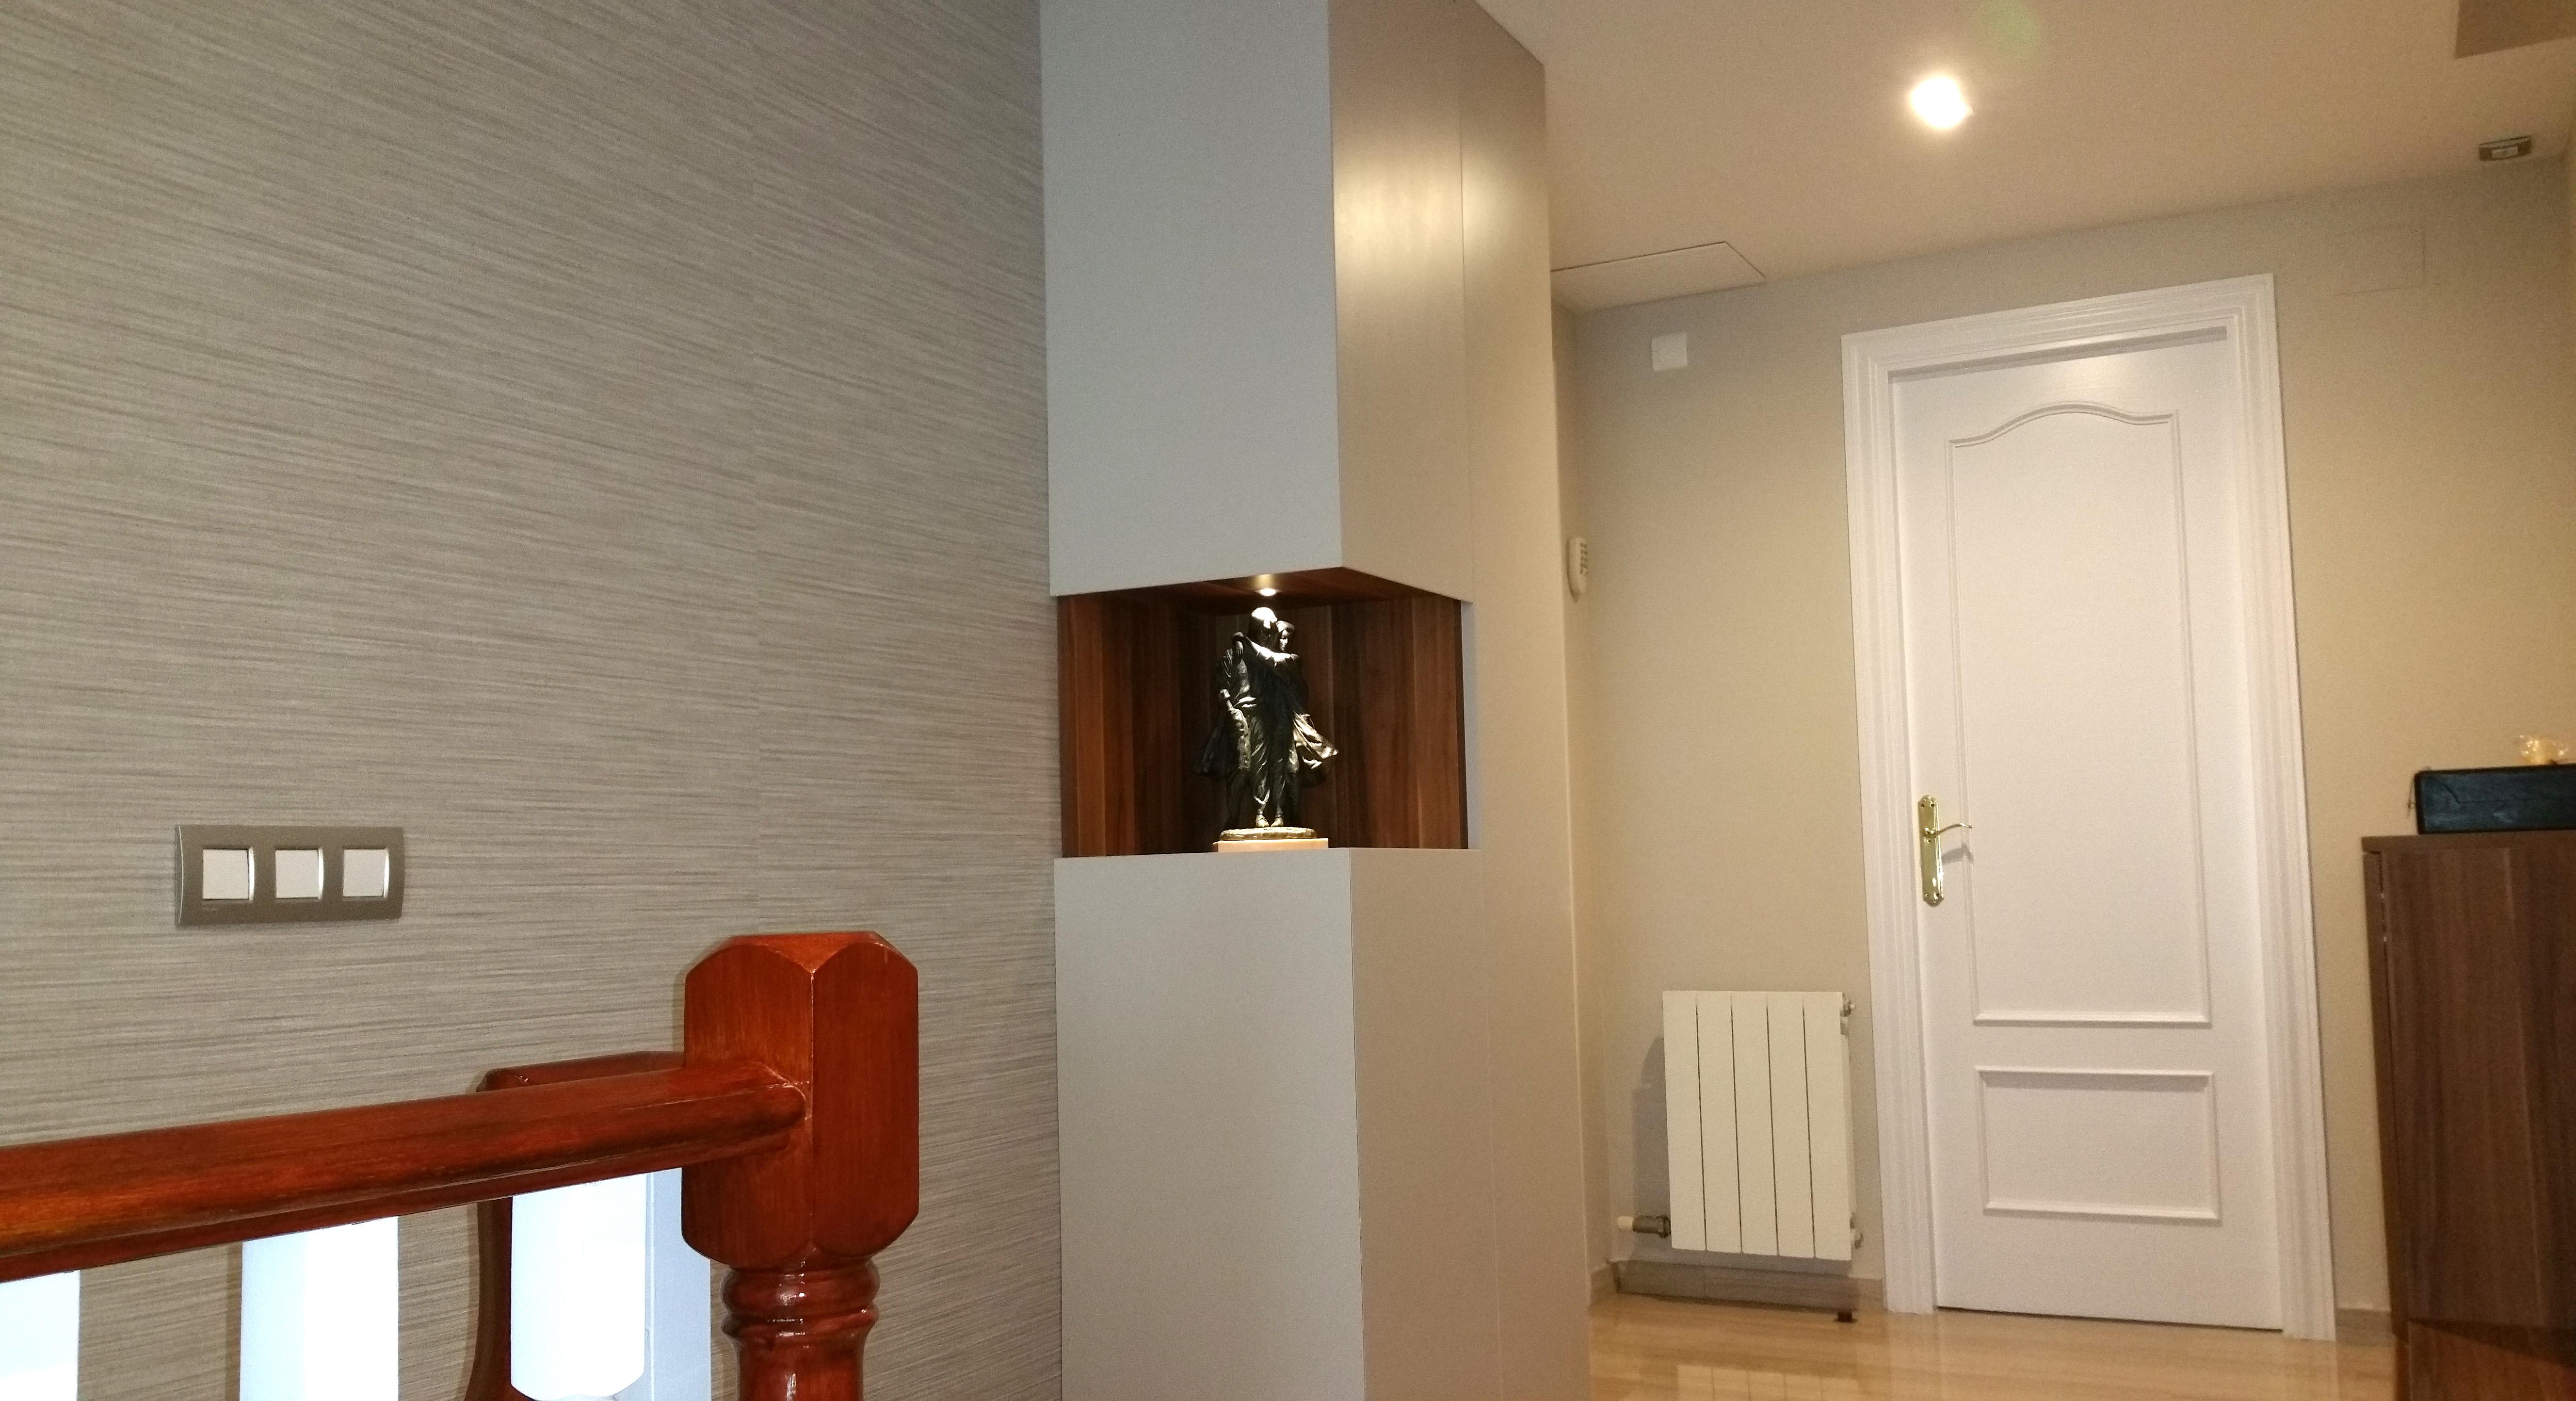 Mueble columna para recibidor en melamina imitación madera y lacada blanca.